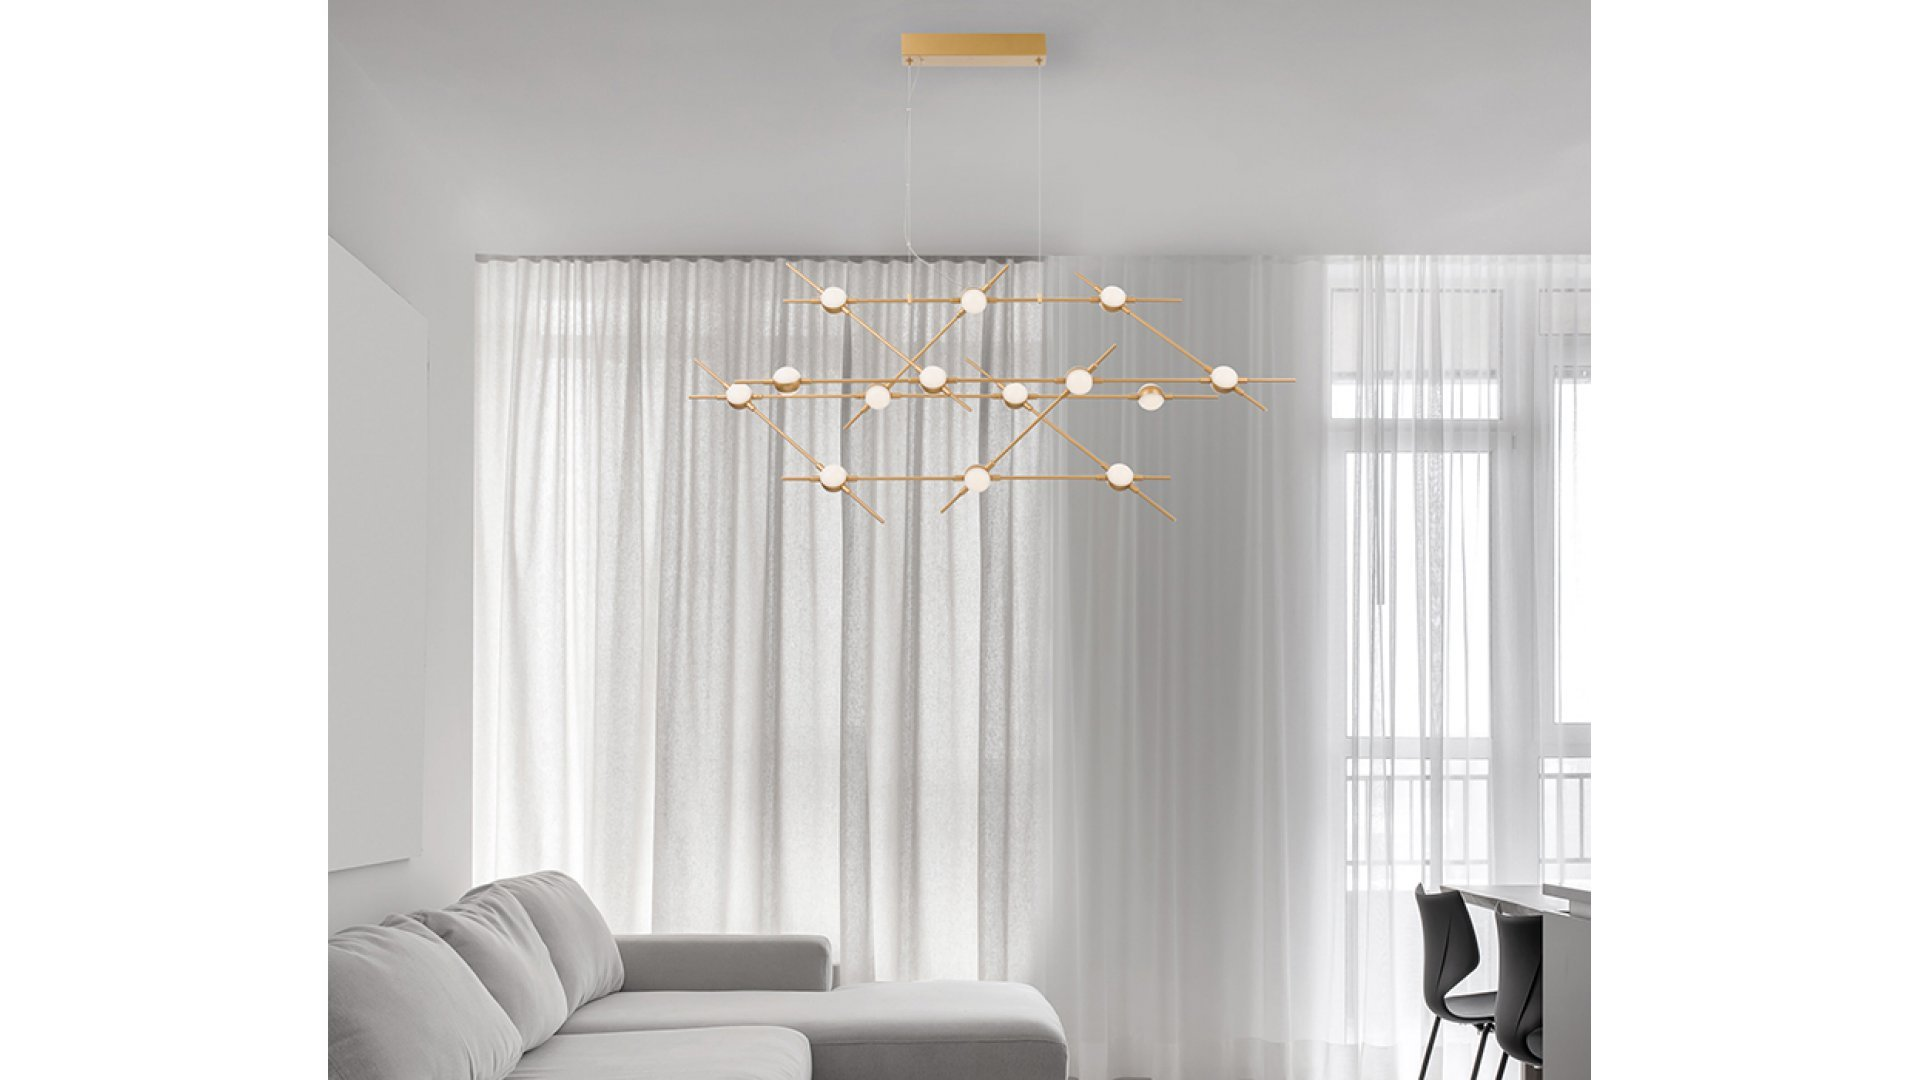 Nova Luce NL 9180614 ATOMO több ágú függeszték LED lámpa